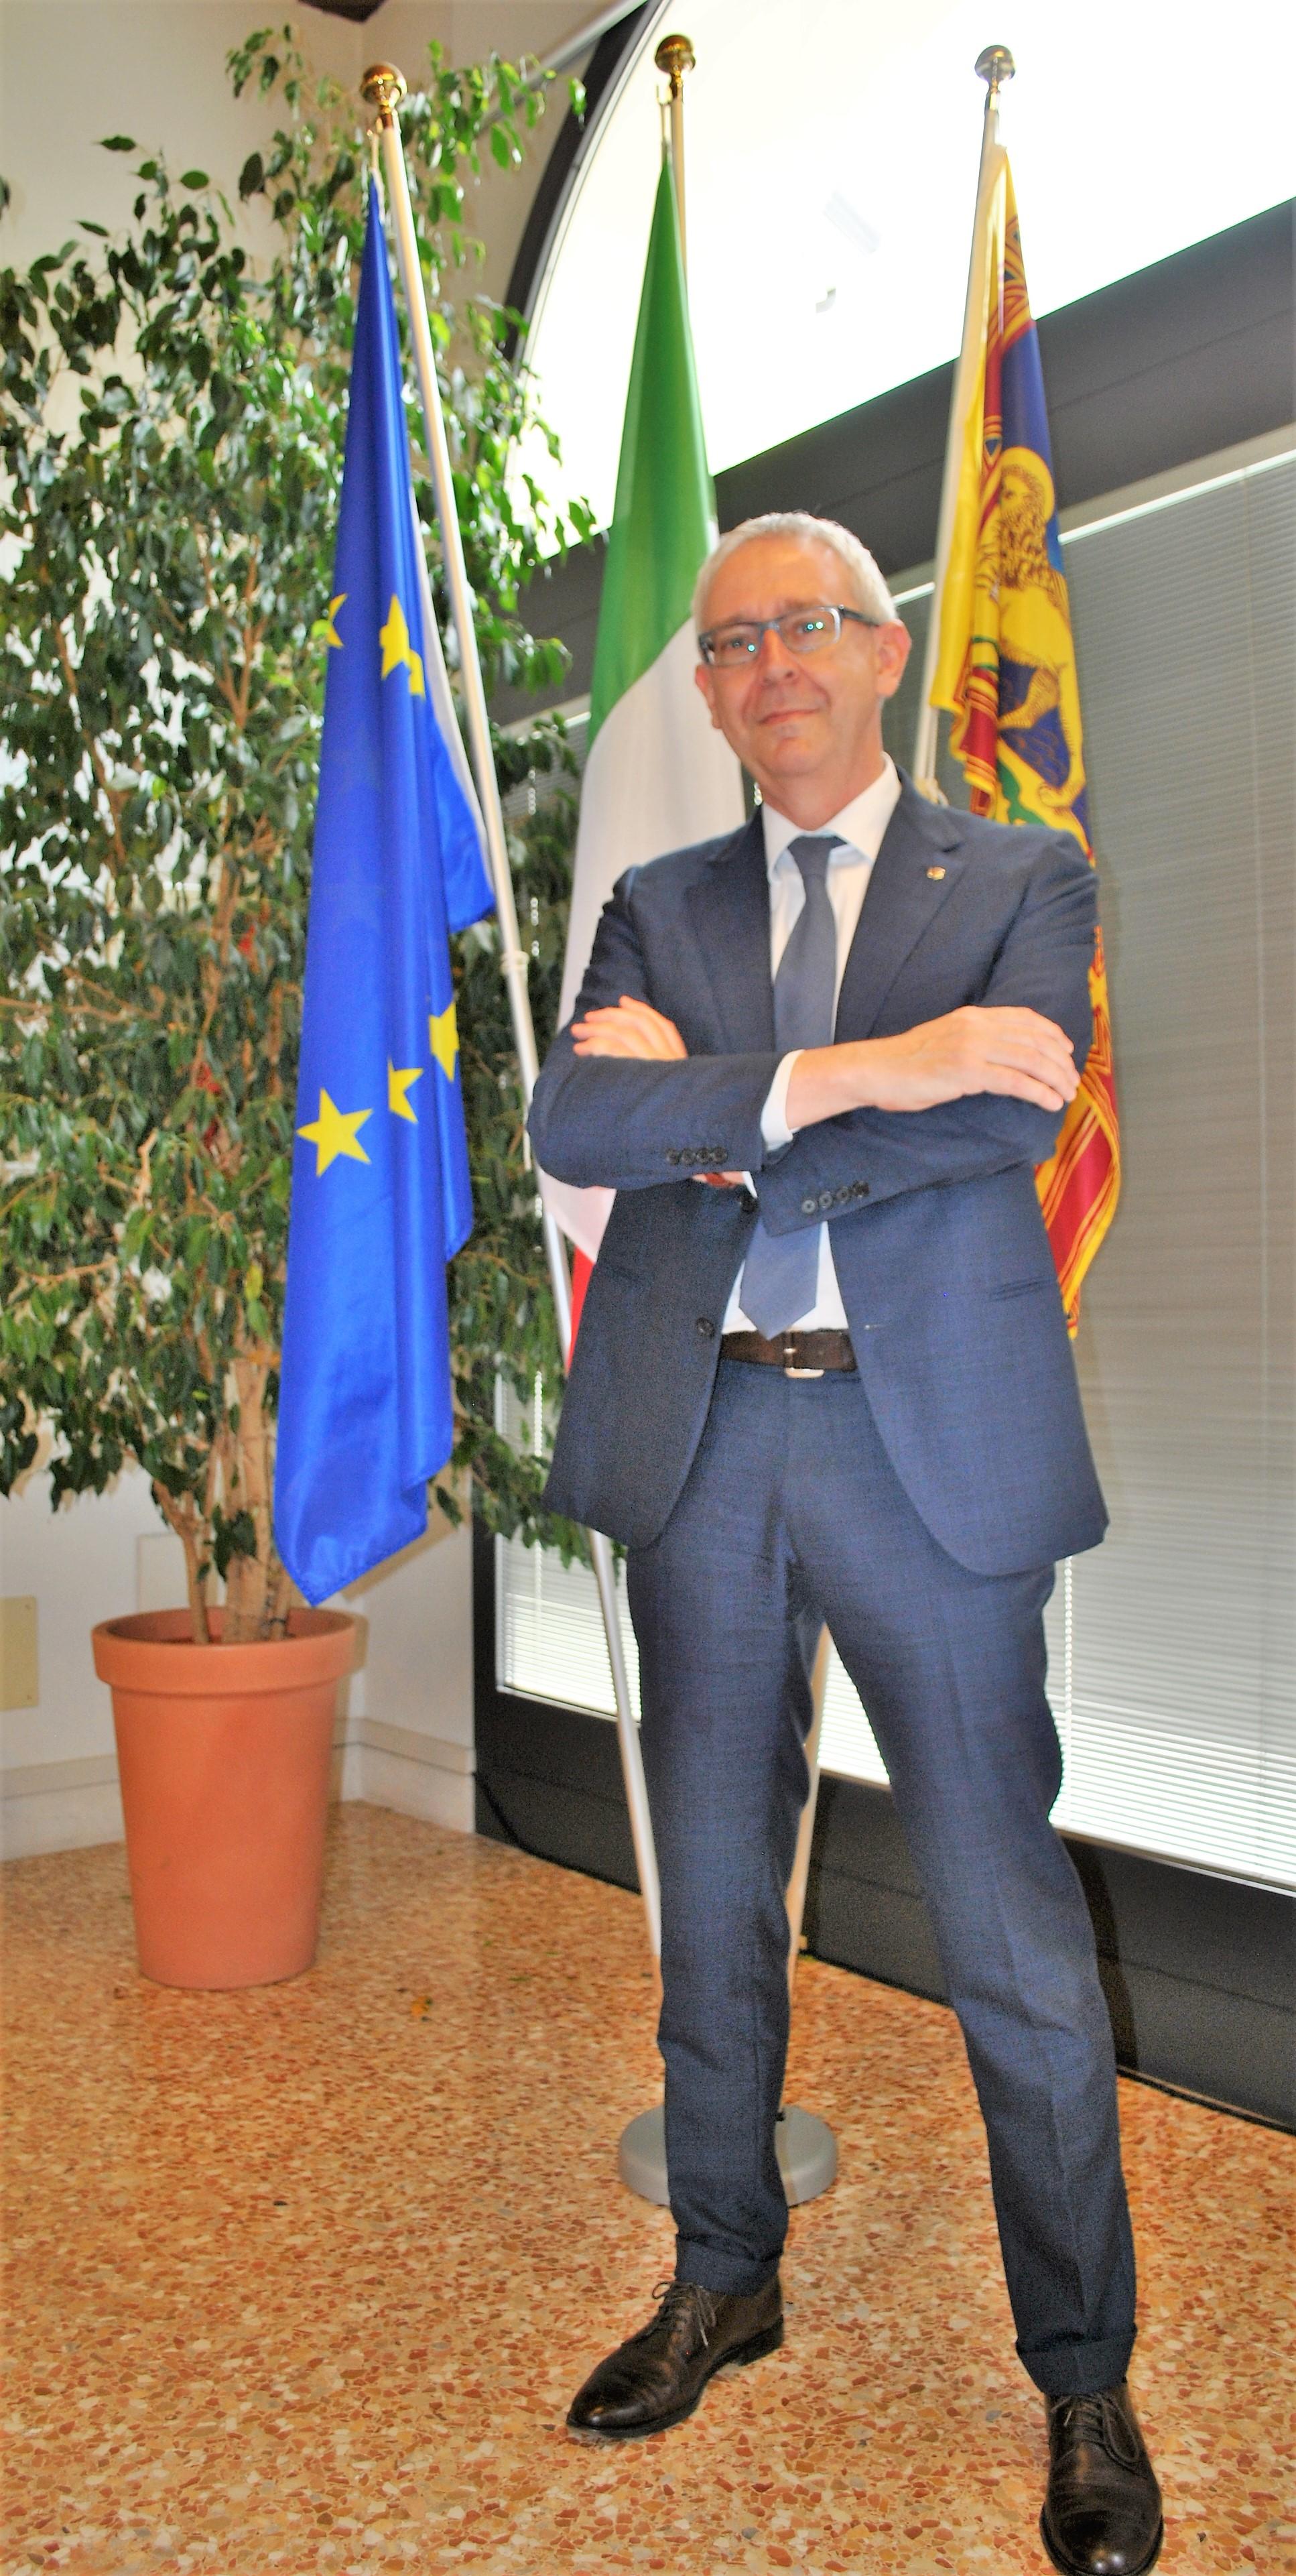 Maurizio Vanzan